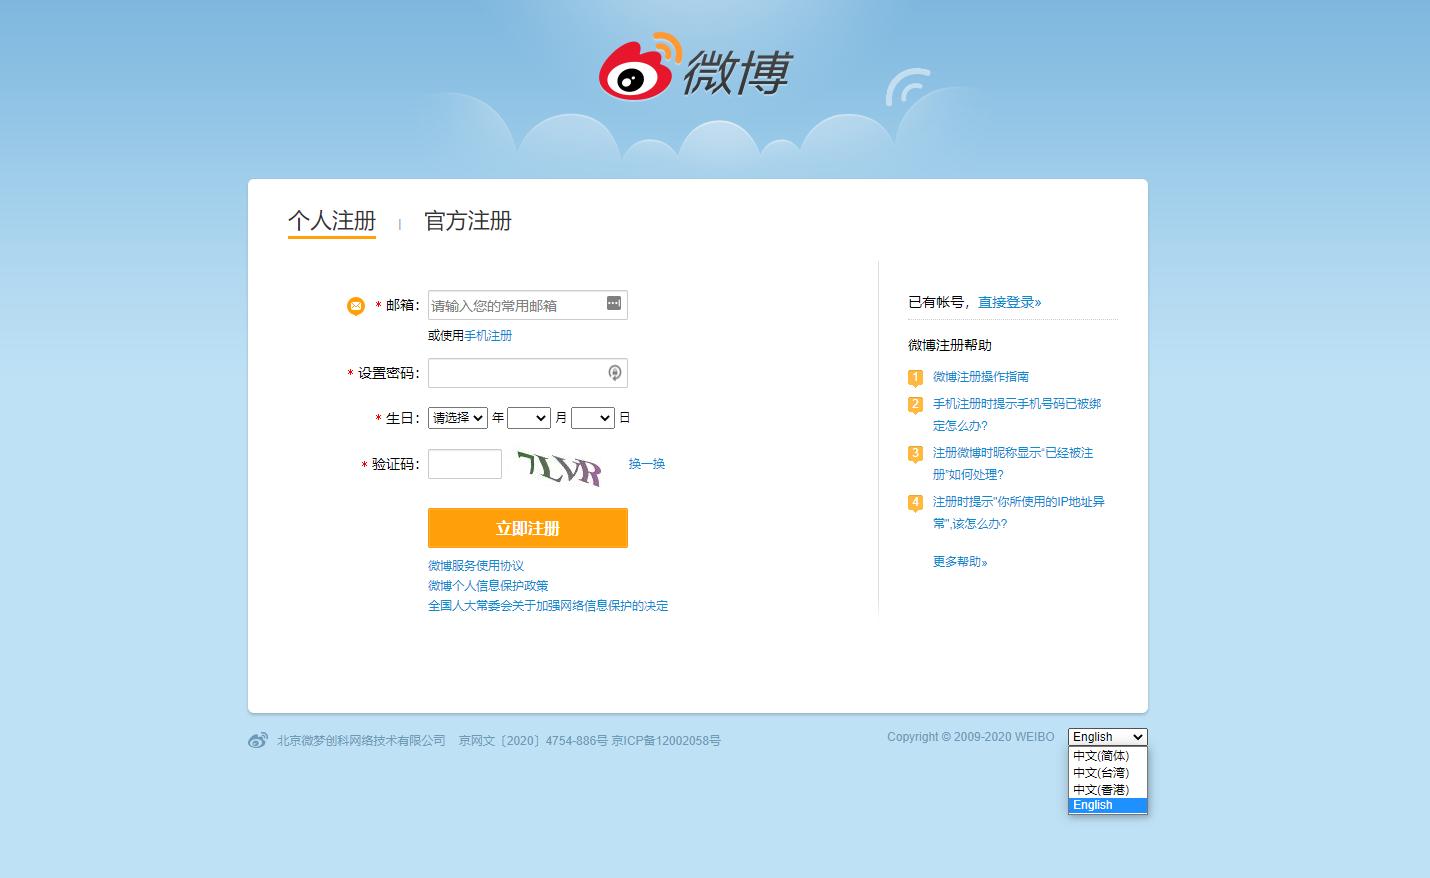 Cách đăng ký Weibo trên điện thoại và PC siêu dễ, chỉ 30s là xong 2